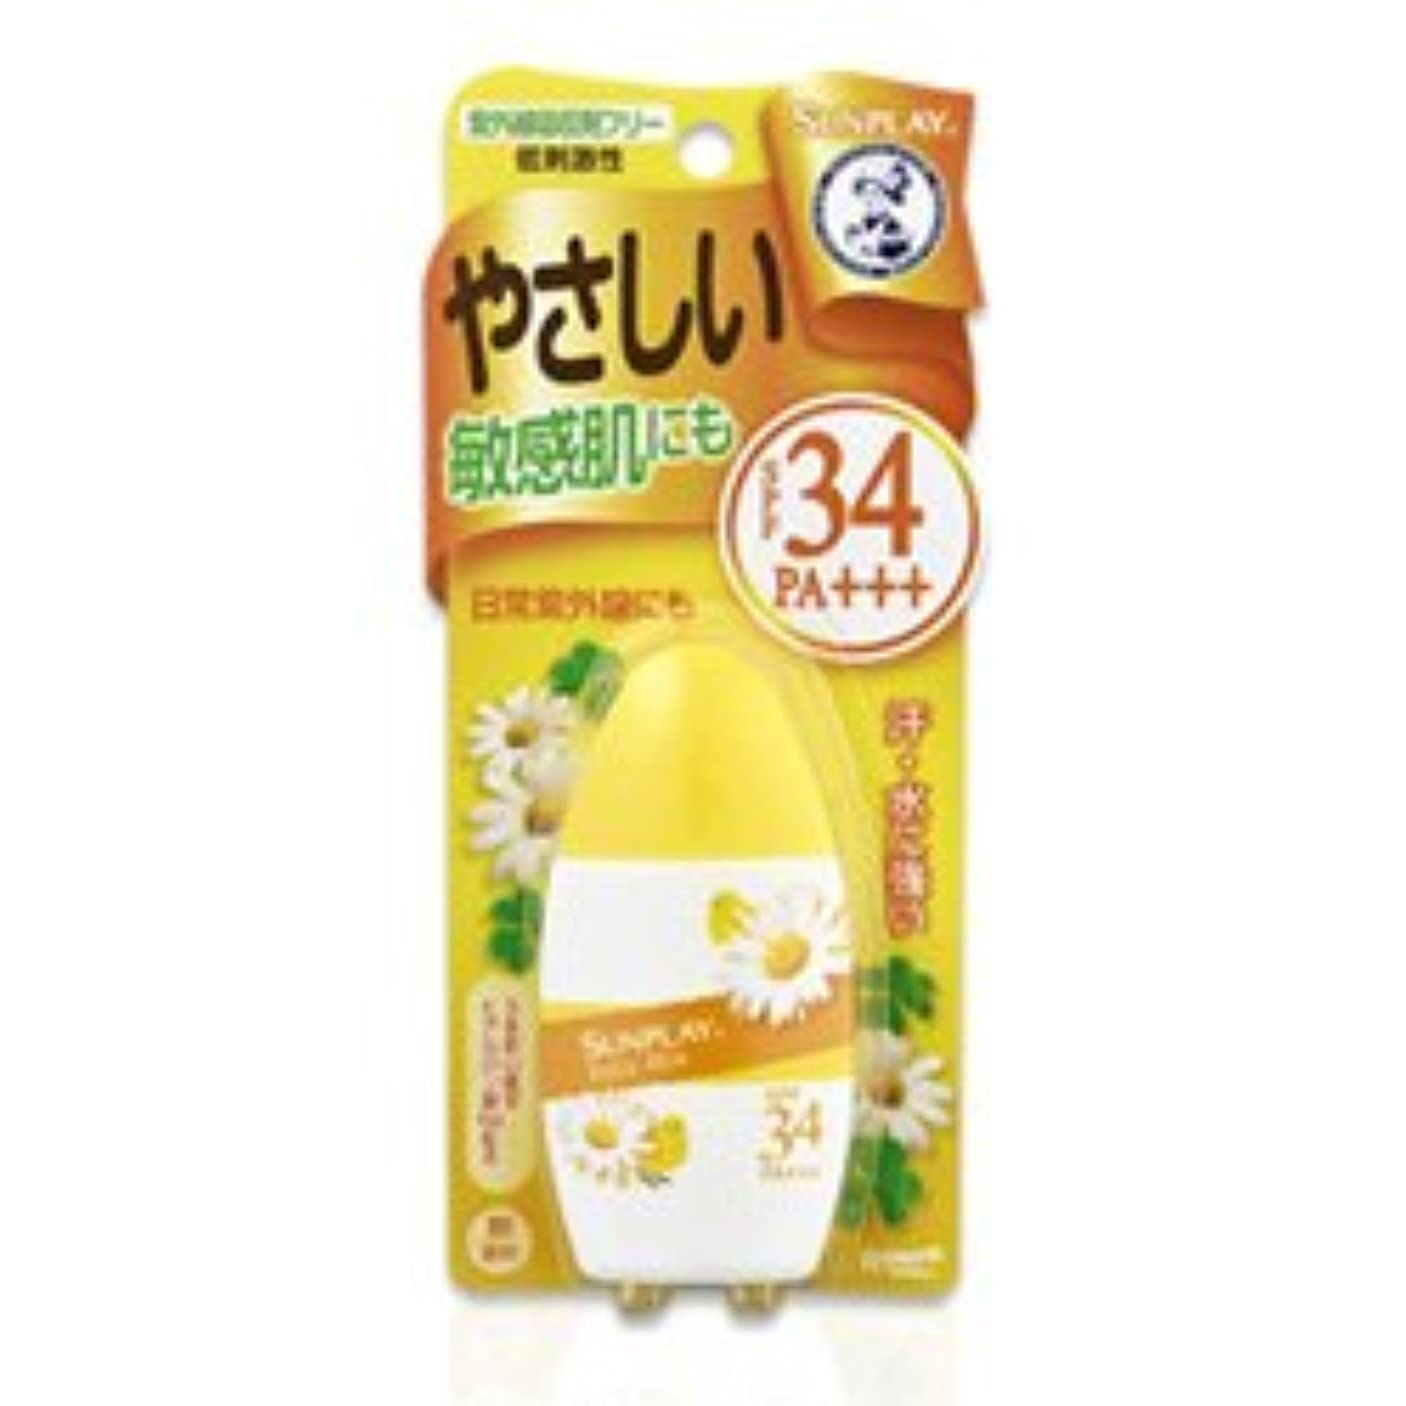 特徴づける構成肥満【ロート製薬】メンソレータム サンプレイ ベビーミルク 30g ×5個セット